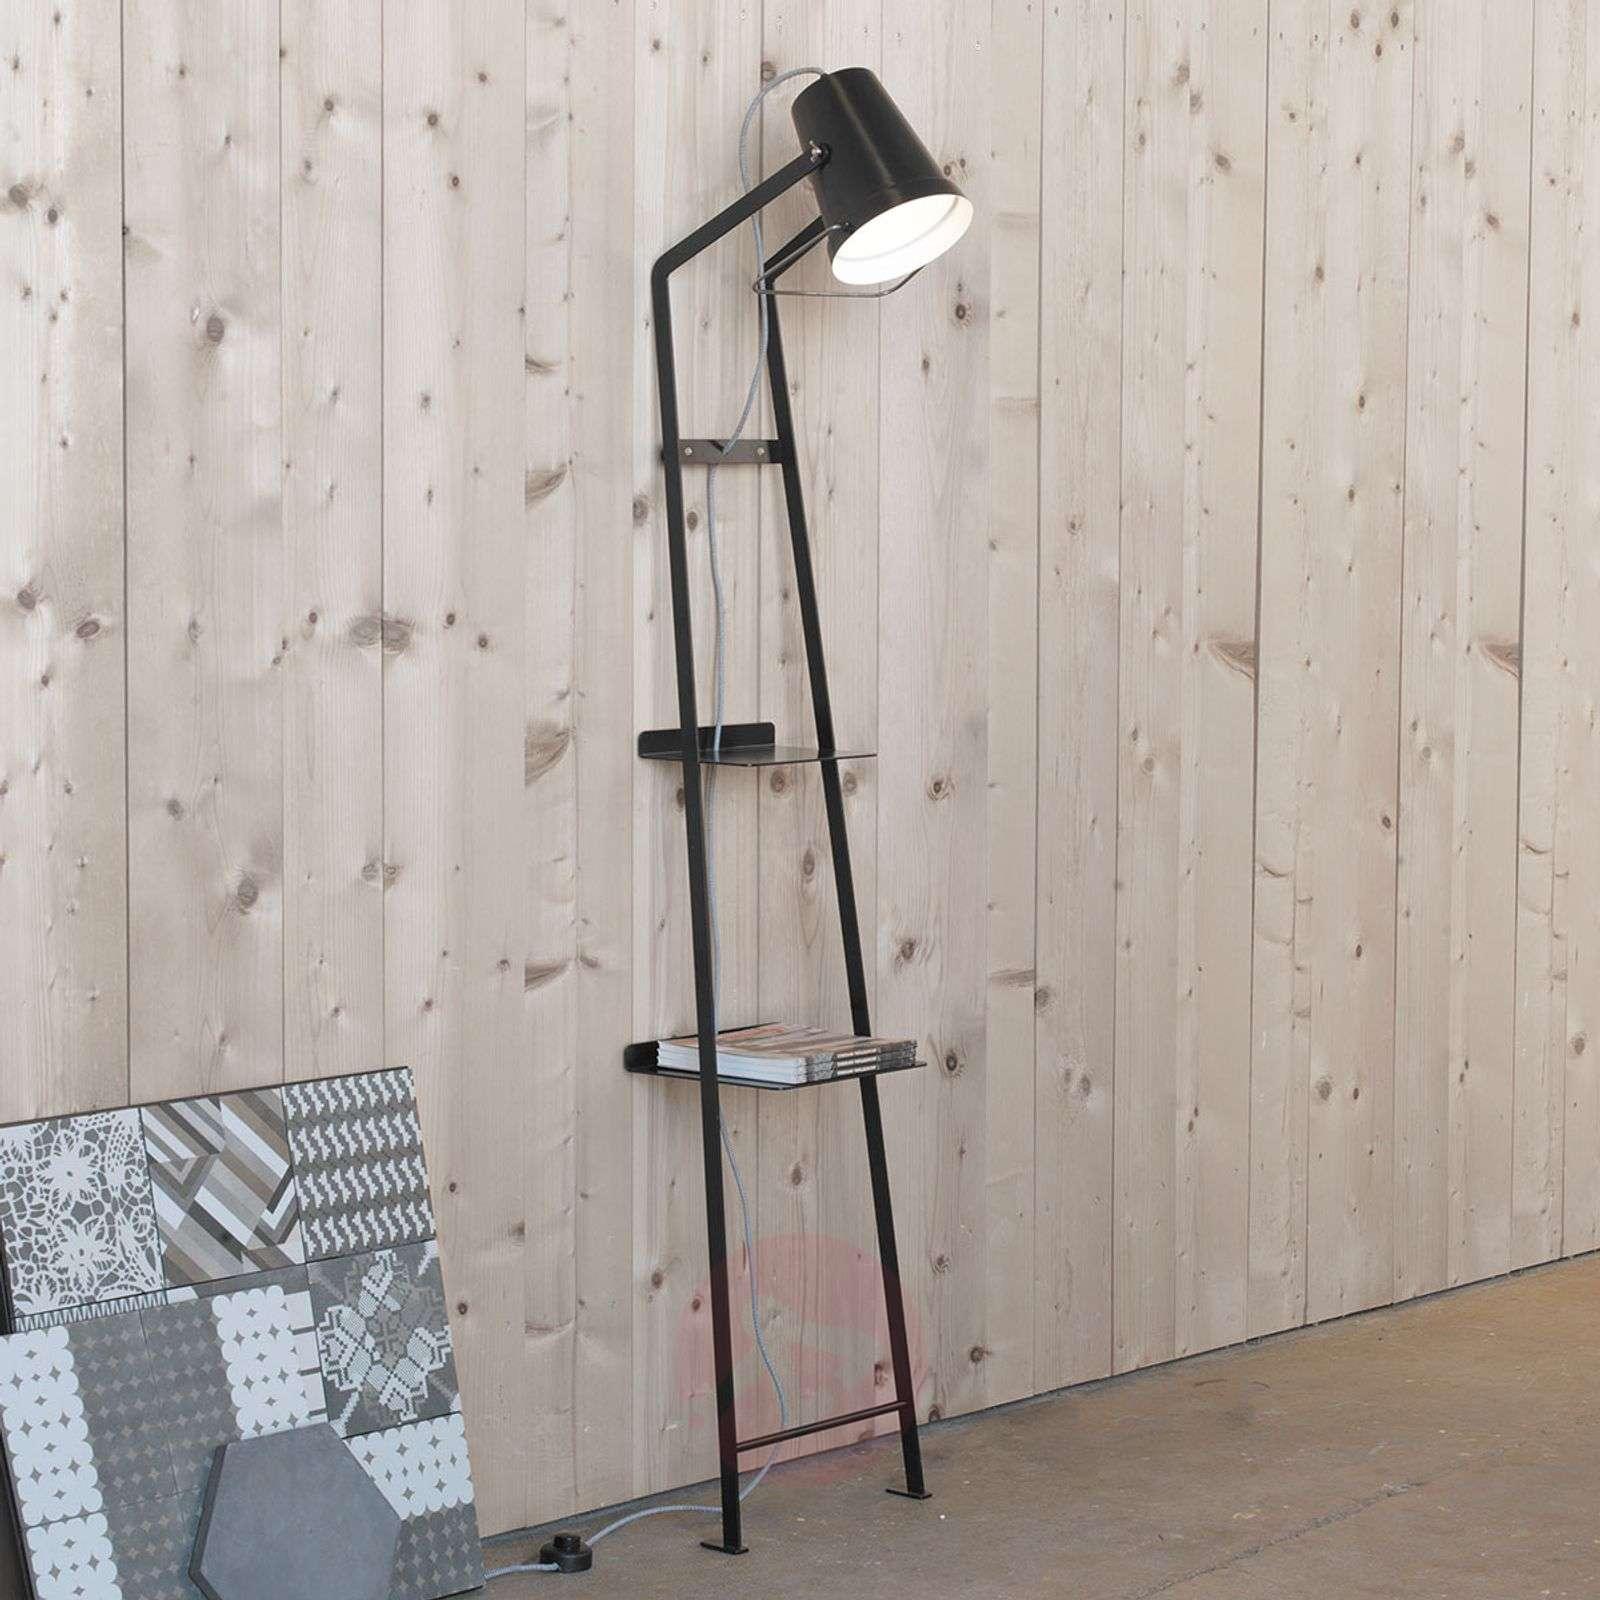 Design-lattiavalaisin Alfred, jossa laskutasoja-5542007X-01